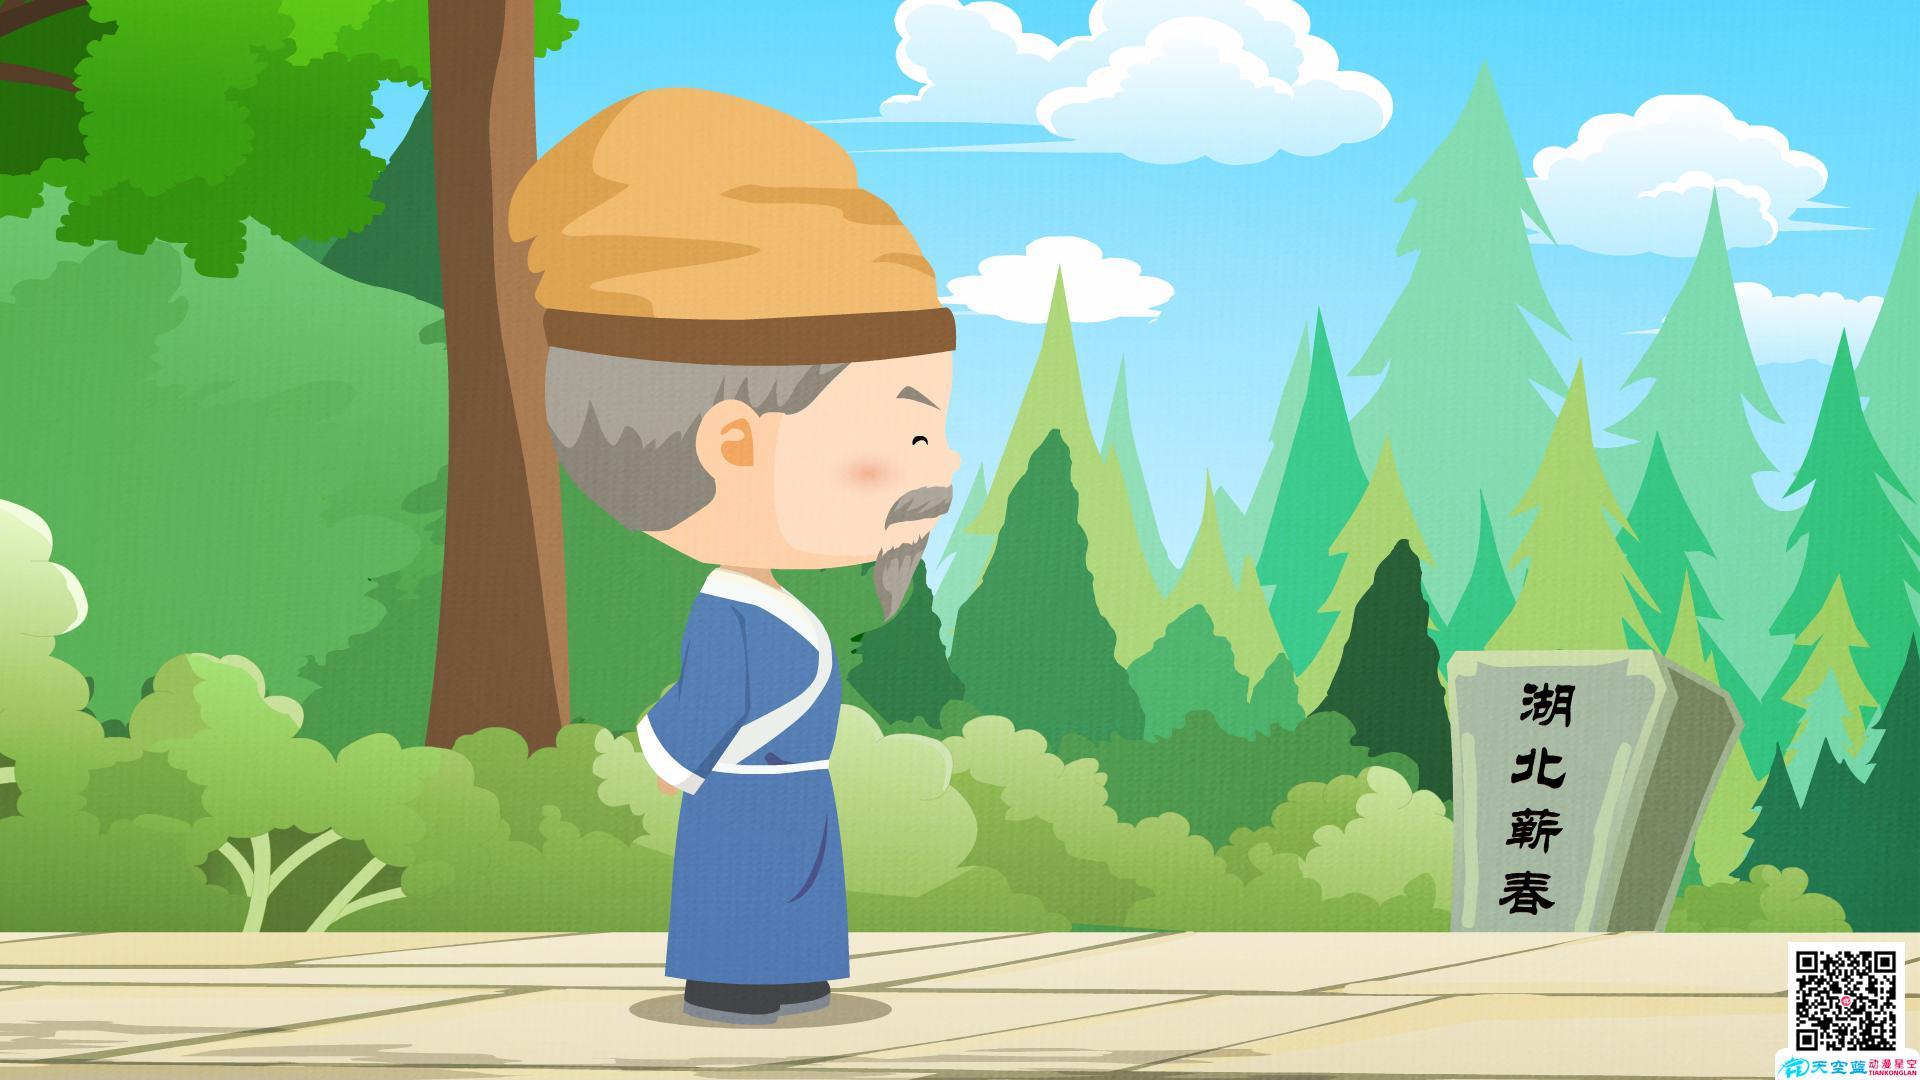 MG动画制作《李时珍500周年》诞辰宣传片